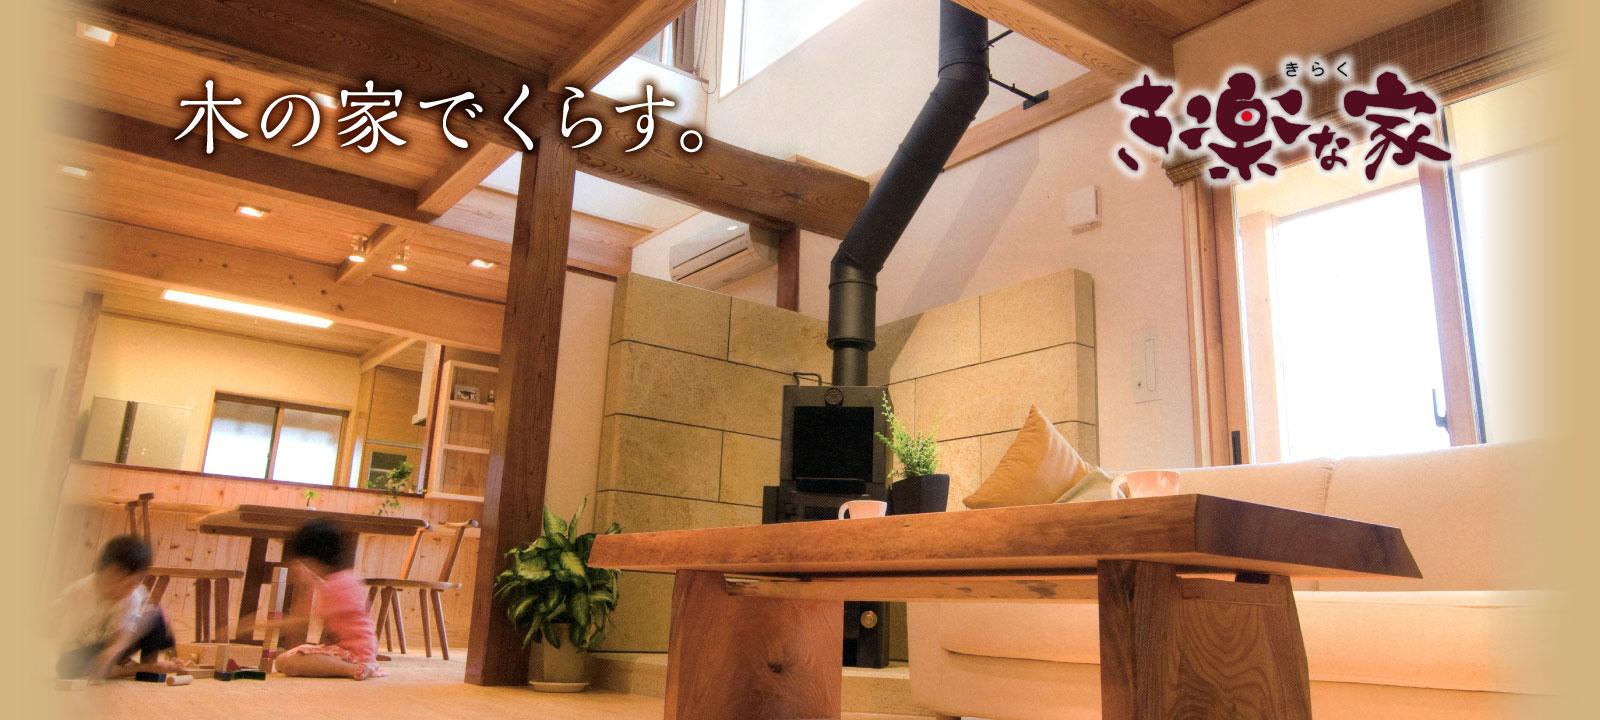 木の家でくらす。|き楽な家